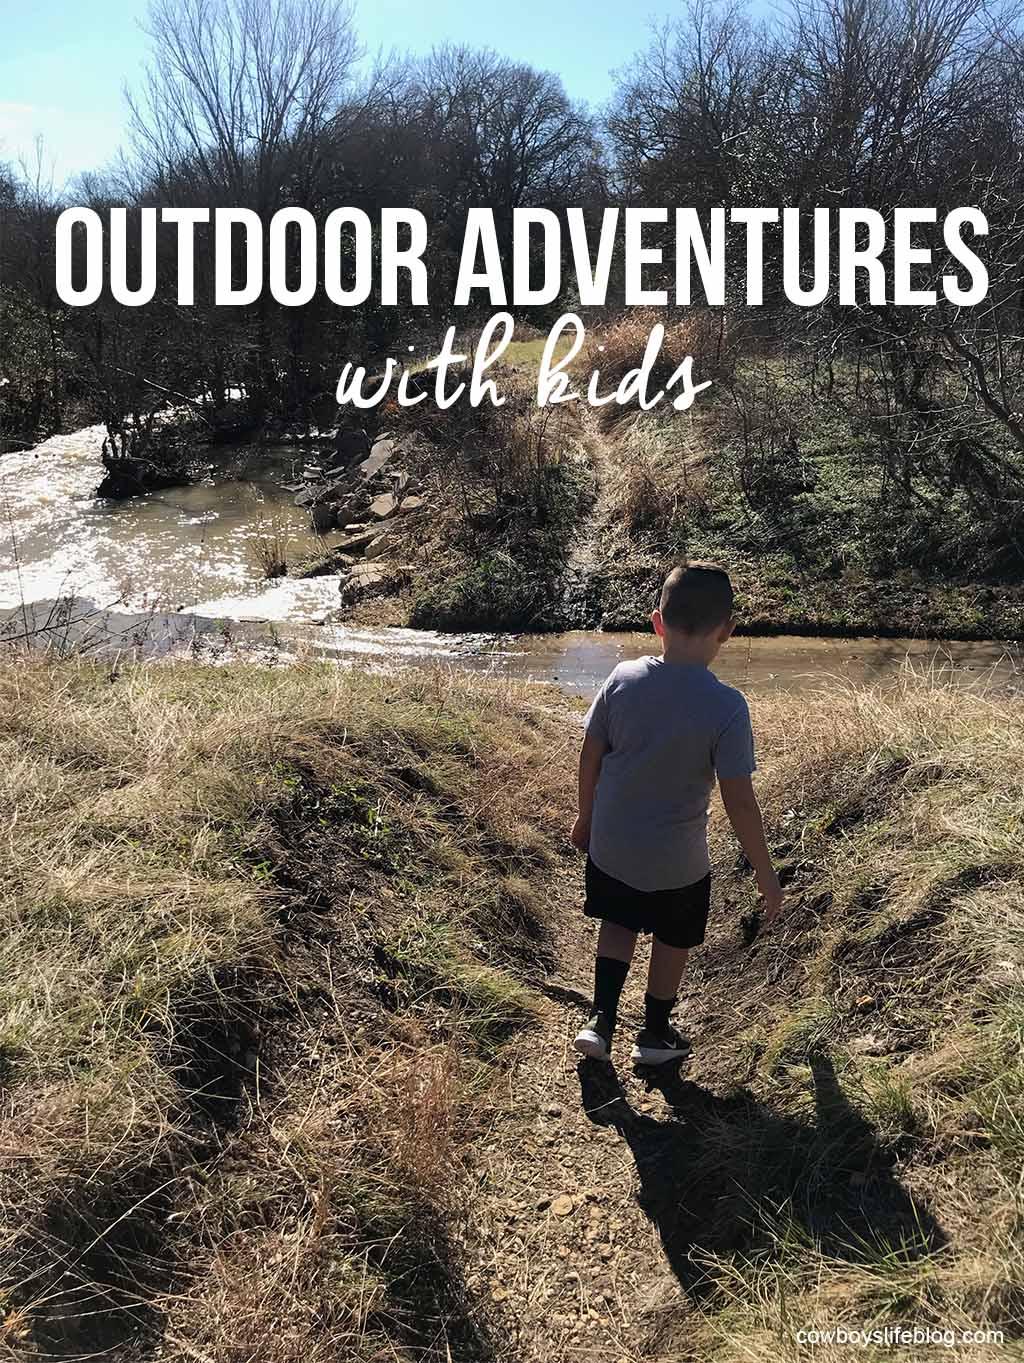 Outdoor Adventures with Kids